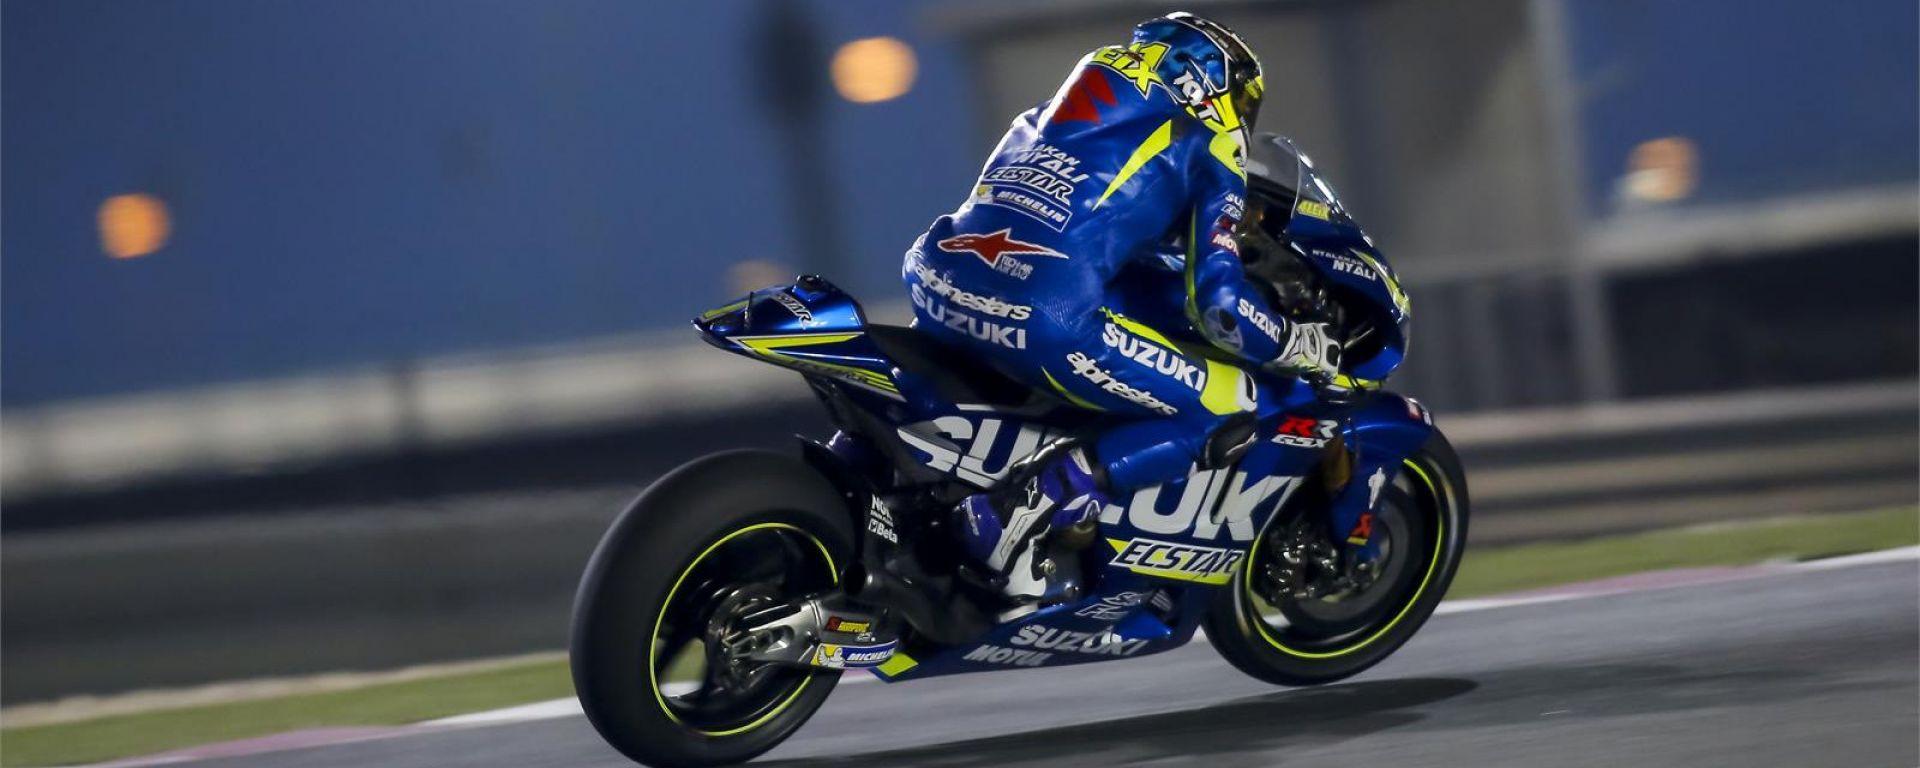 MotoGP Test Qatar Giorno 2: Viñales e Iannone di fuoco